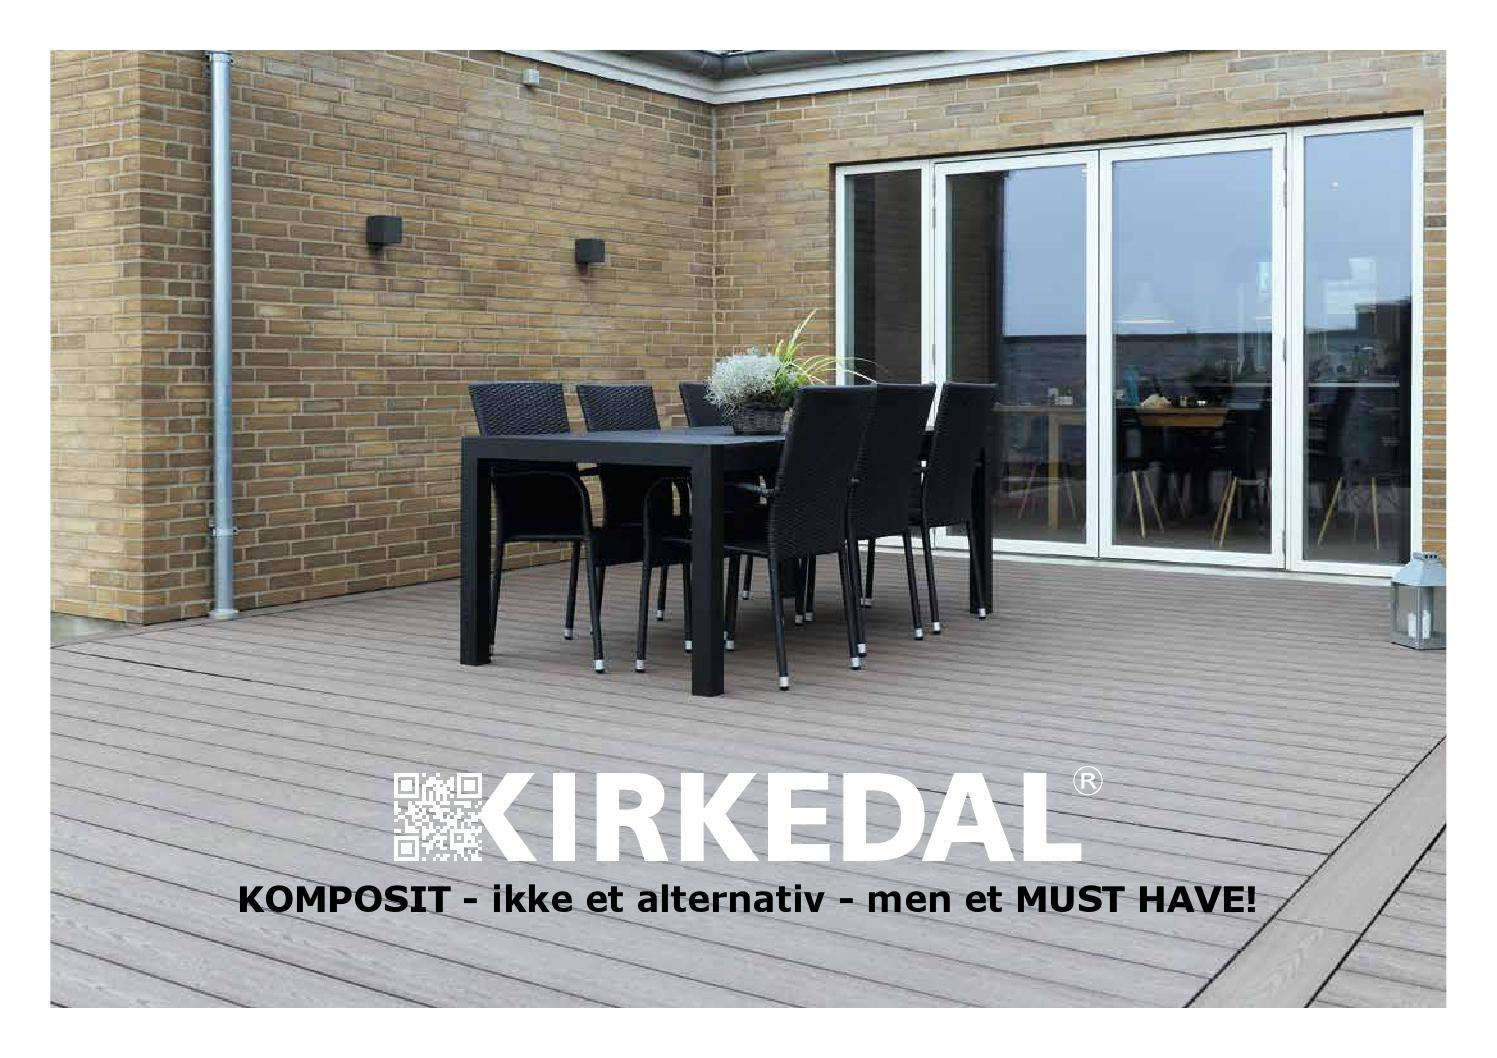 Kirkedal Komposit Katalog by TreeTops - issuu